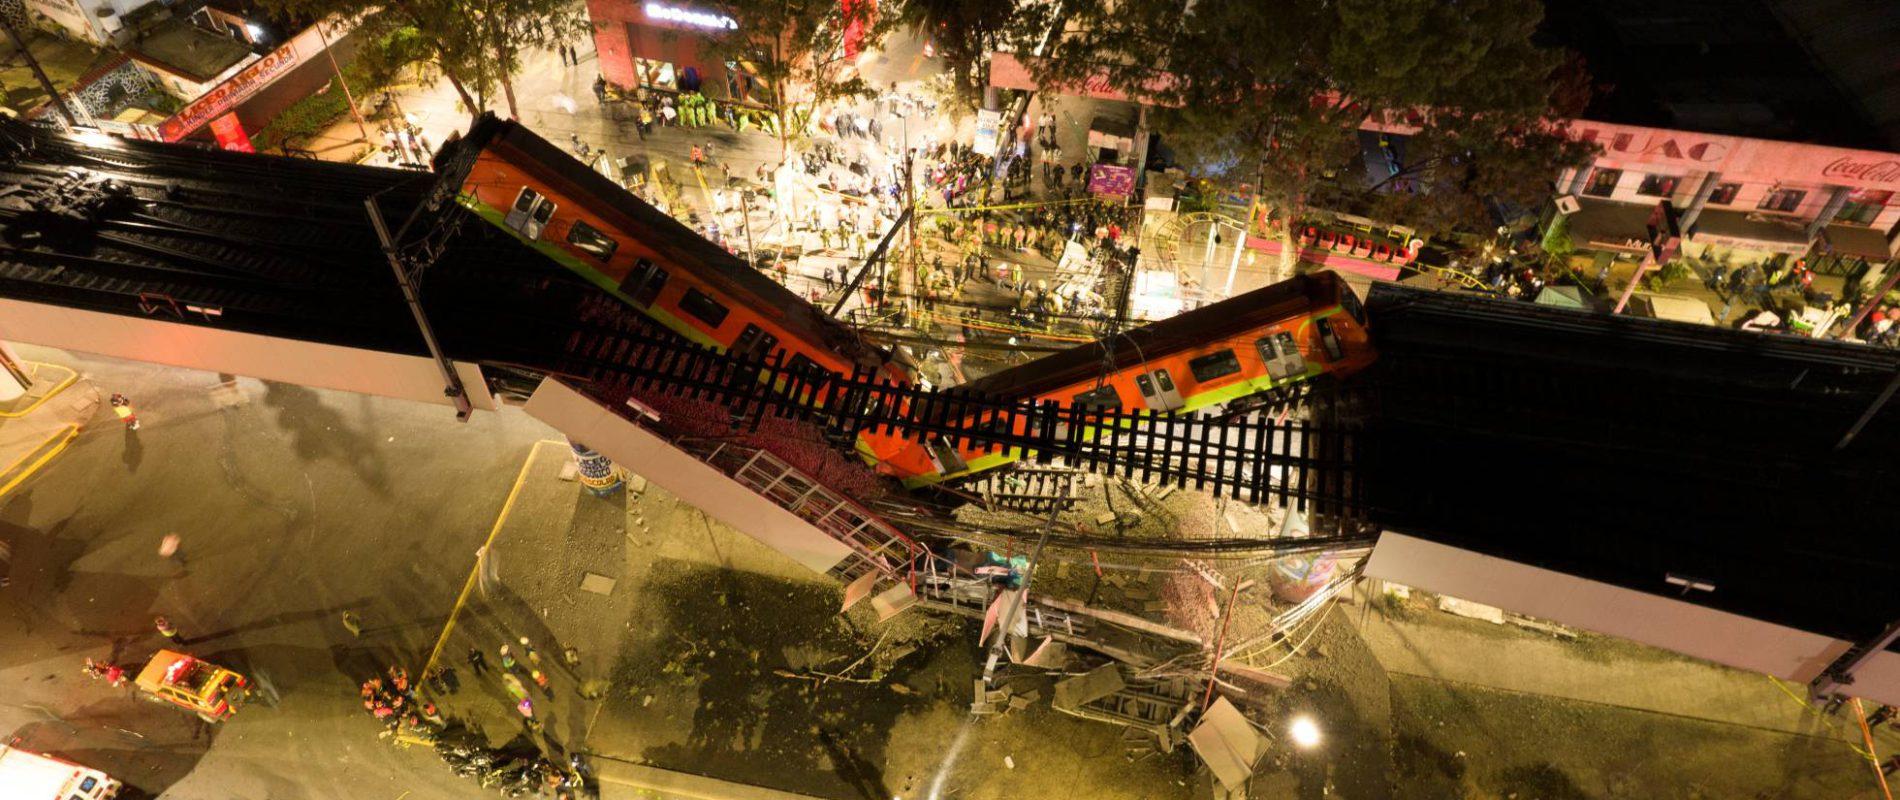 Tragedia en Metro de la CDMX conmociona al mundo; Canadá, Cuba, EU y Rusia envían sus condolencia a México